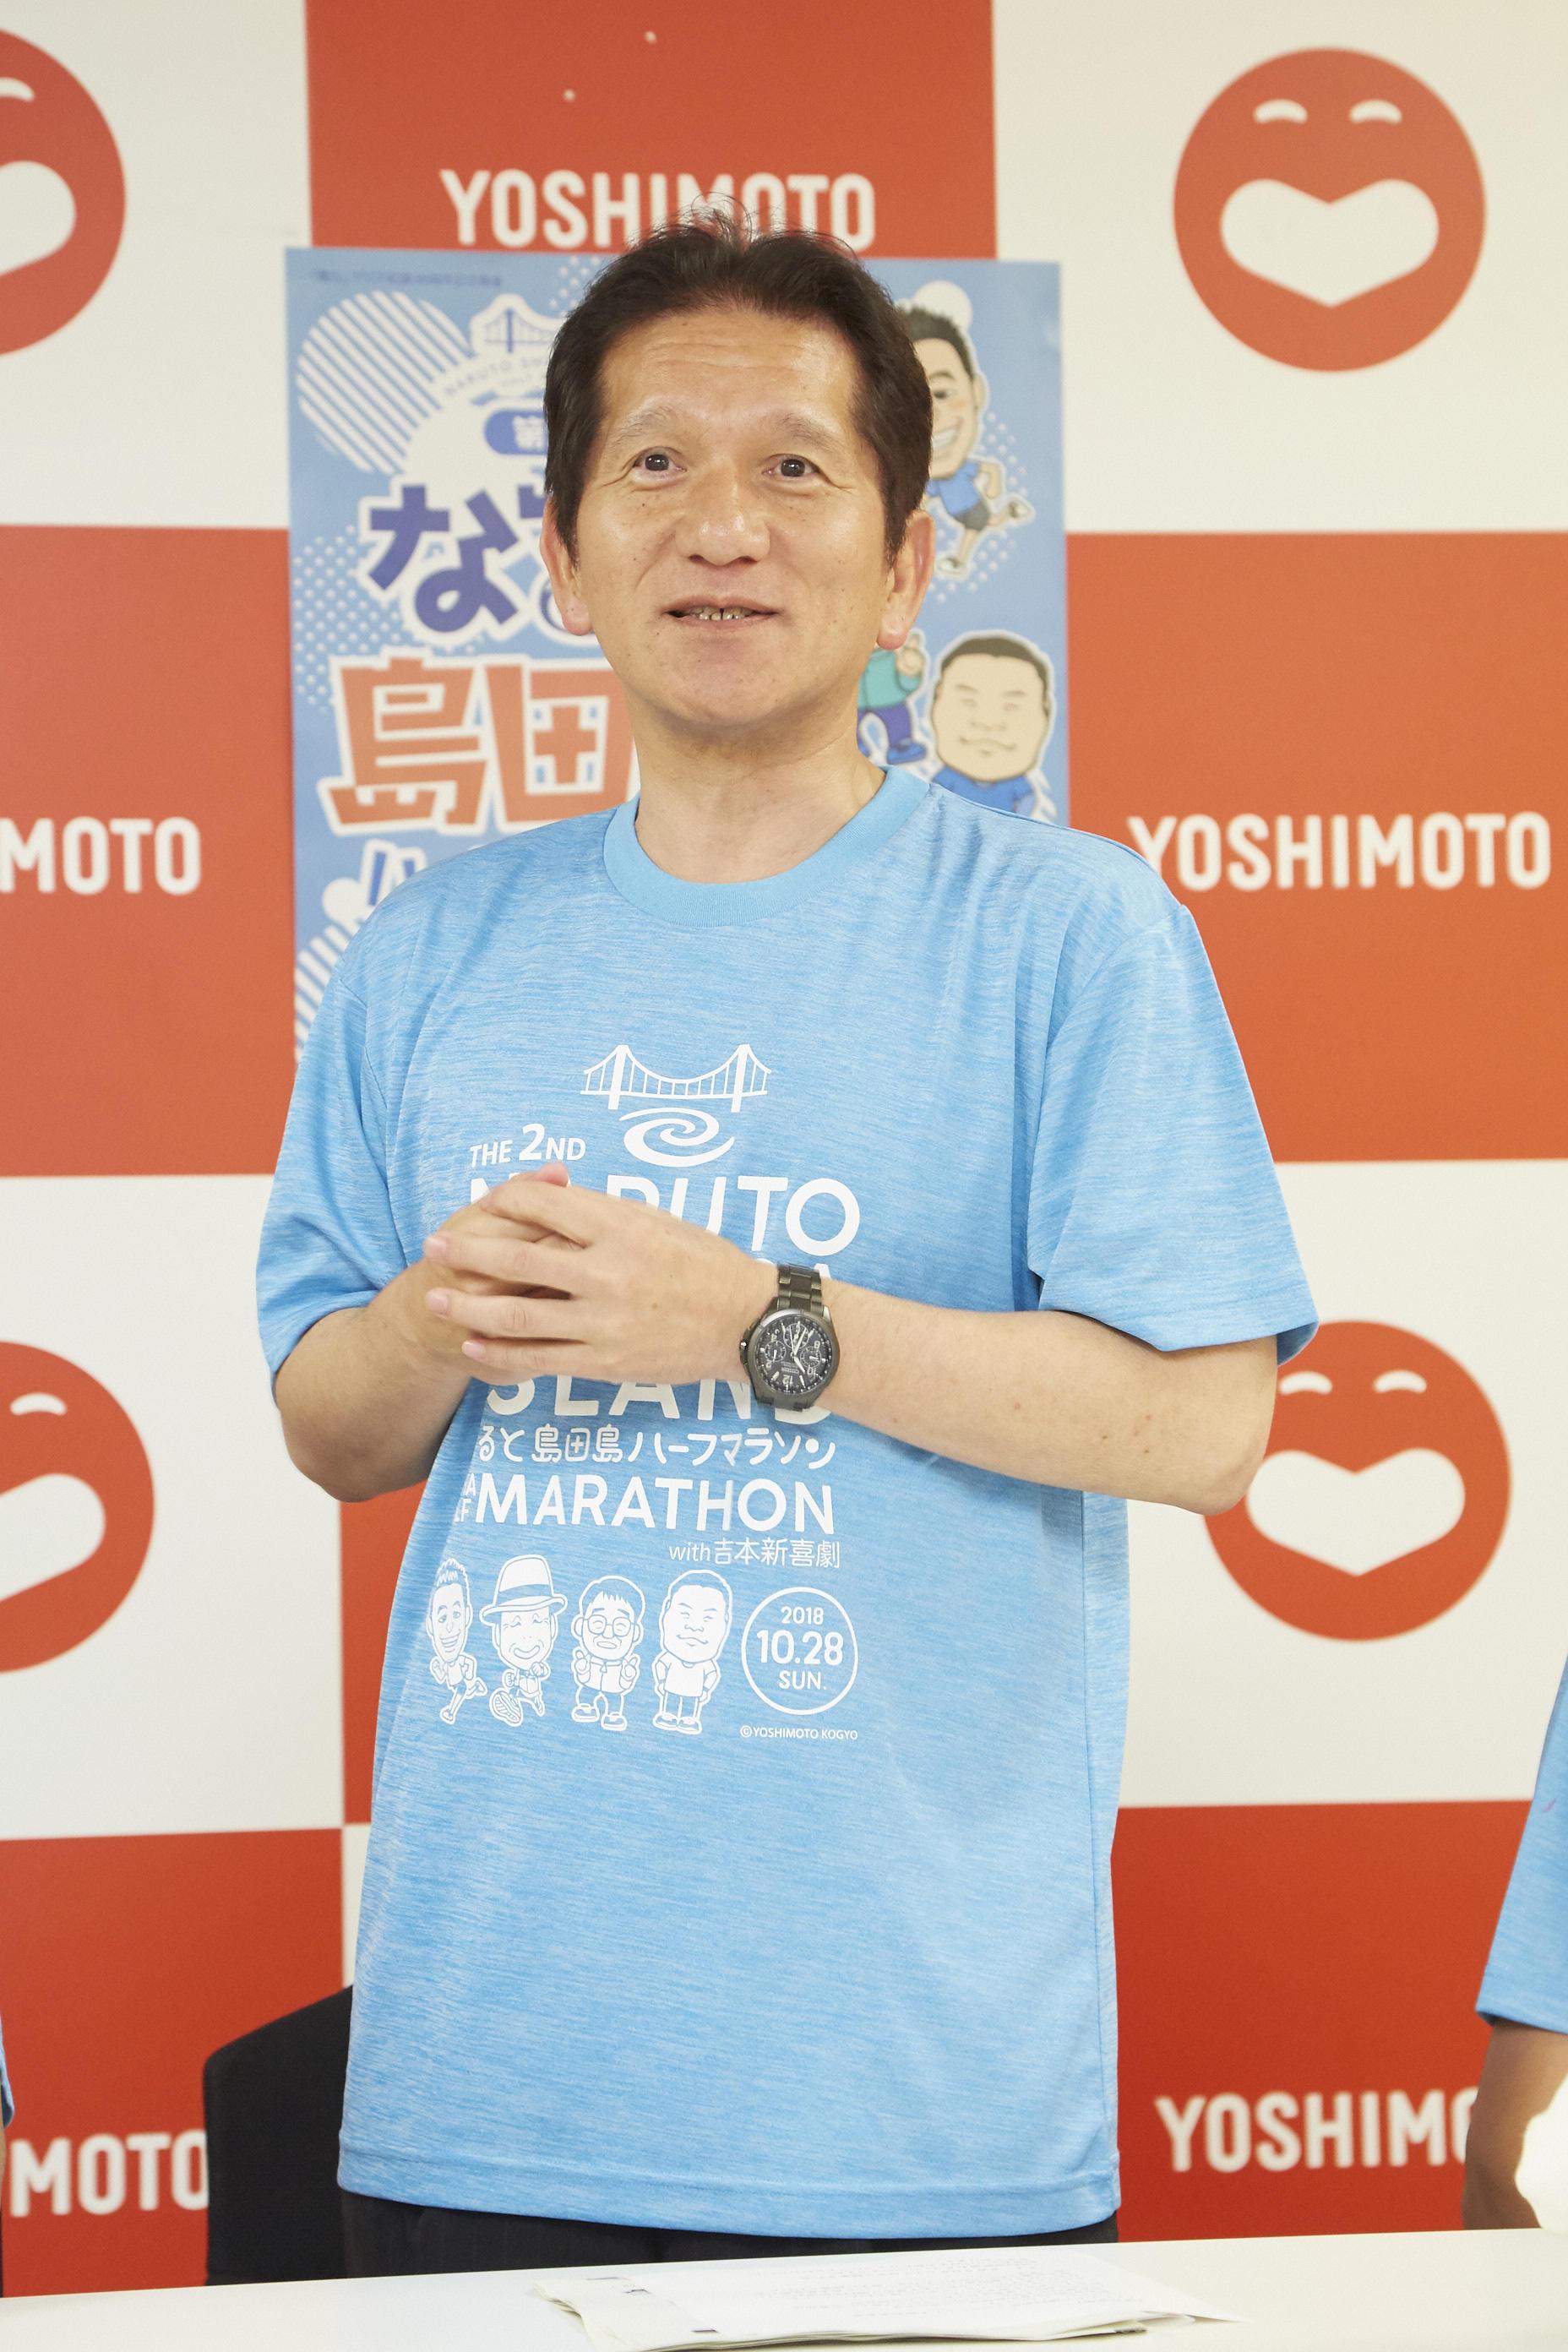 http://news.yoshimoto.co.jp/20180703180348-bdbdf4617717bb643e425aabf9264894bc9a6da2.jpg